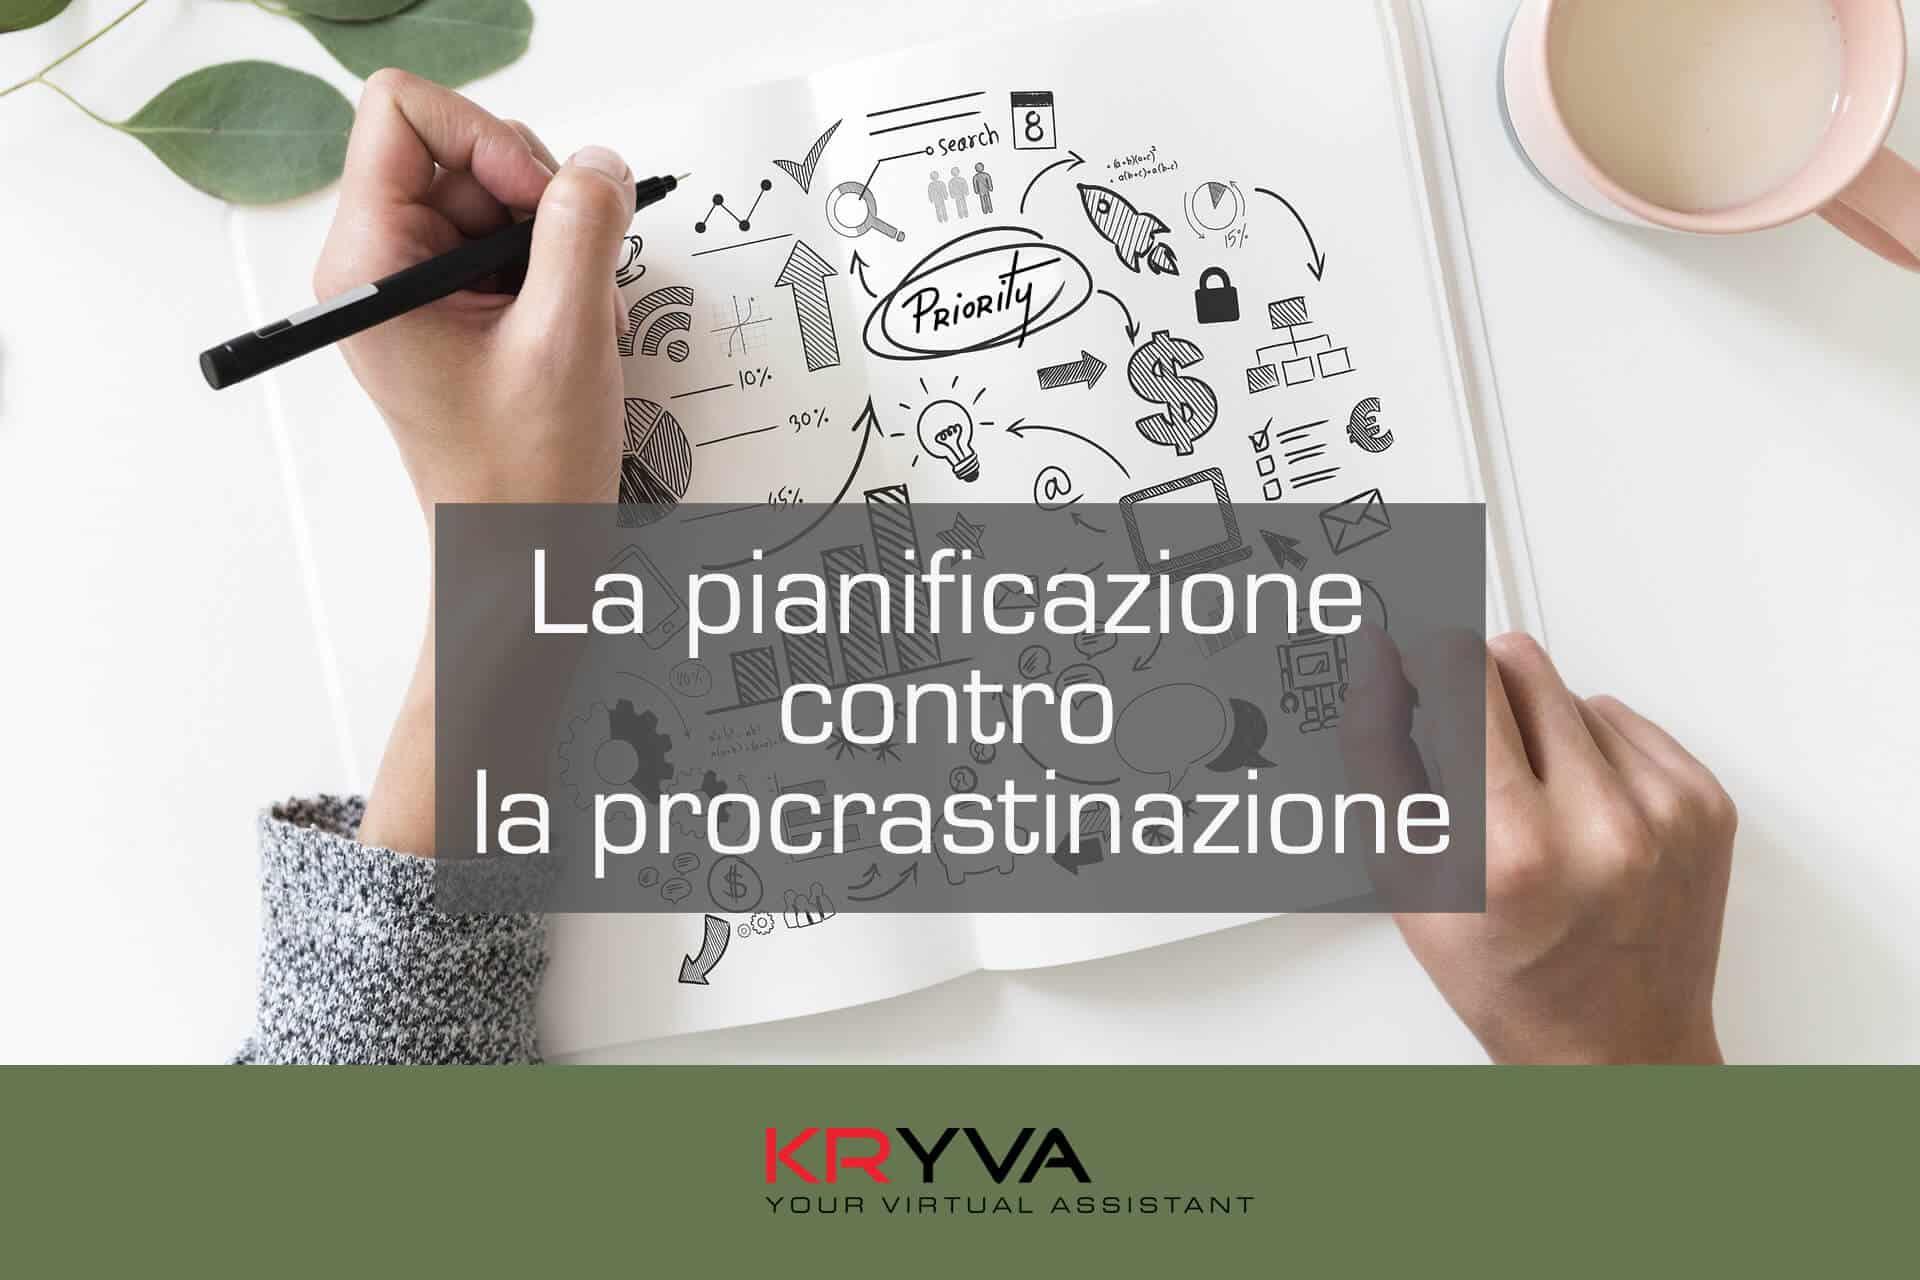 La pianificazione contro la procrastinazione